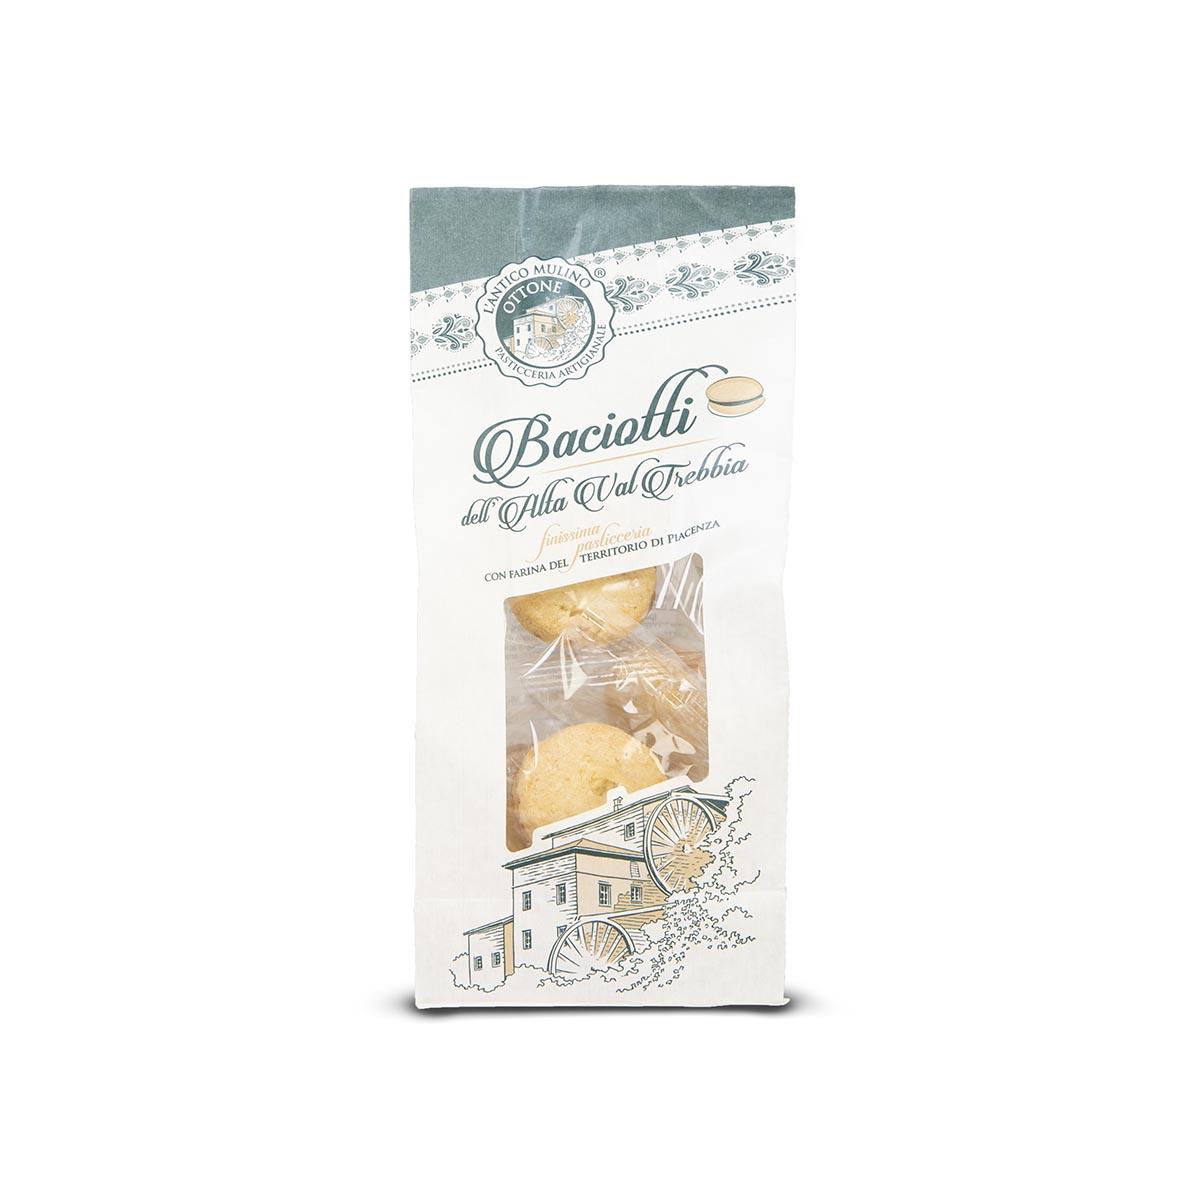 antico-mulino-ottone-cream-biscuits-baciotti